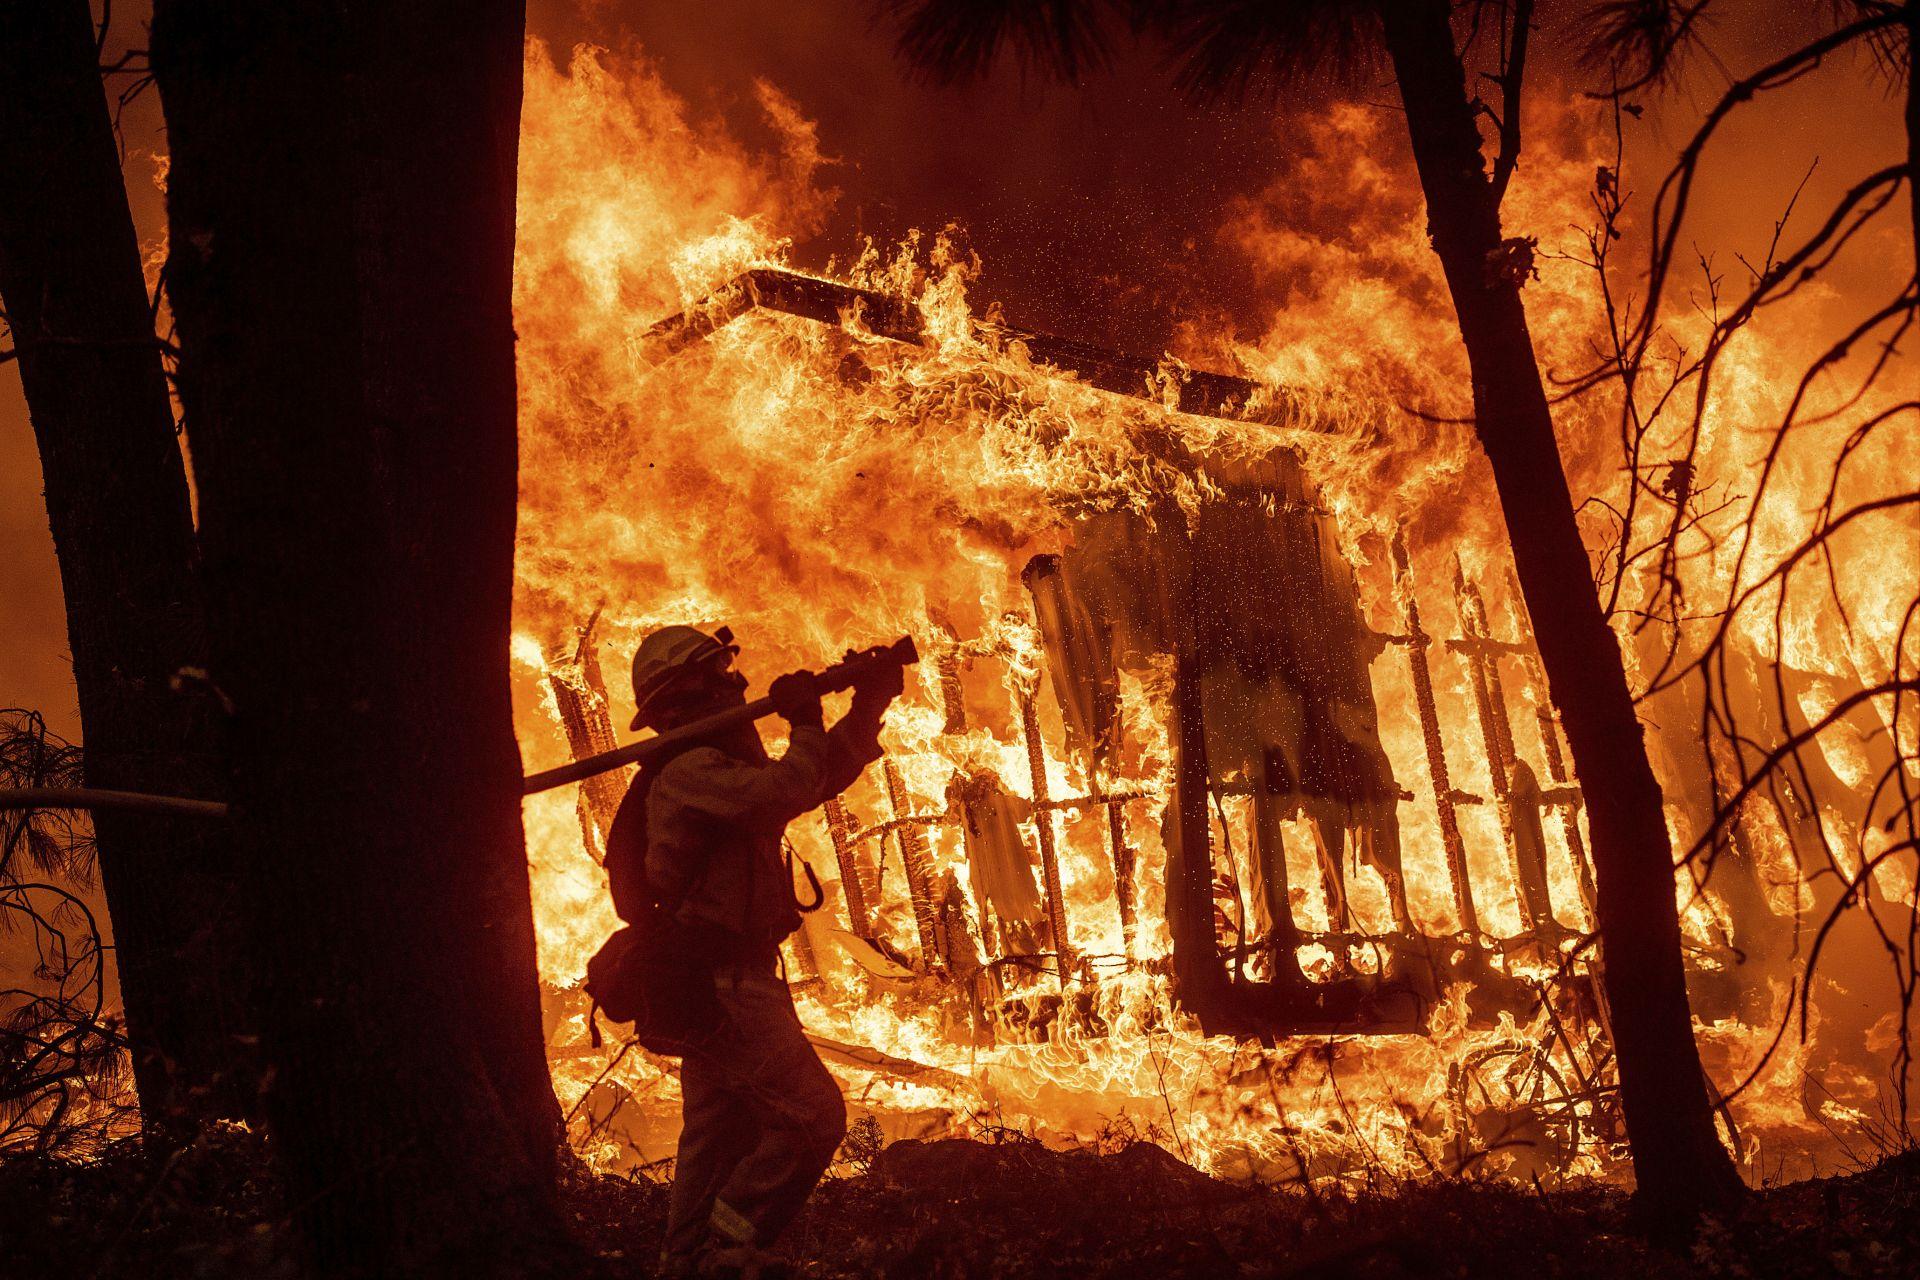 Пожарникар пред горящ дом в резултат на горските пожари в Калифорния